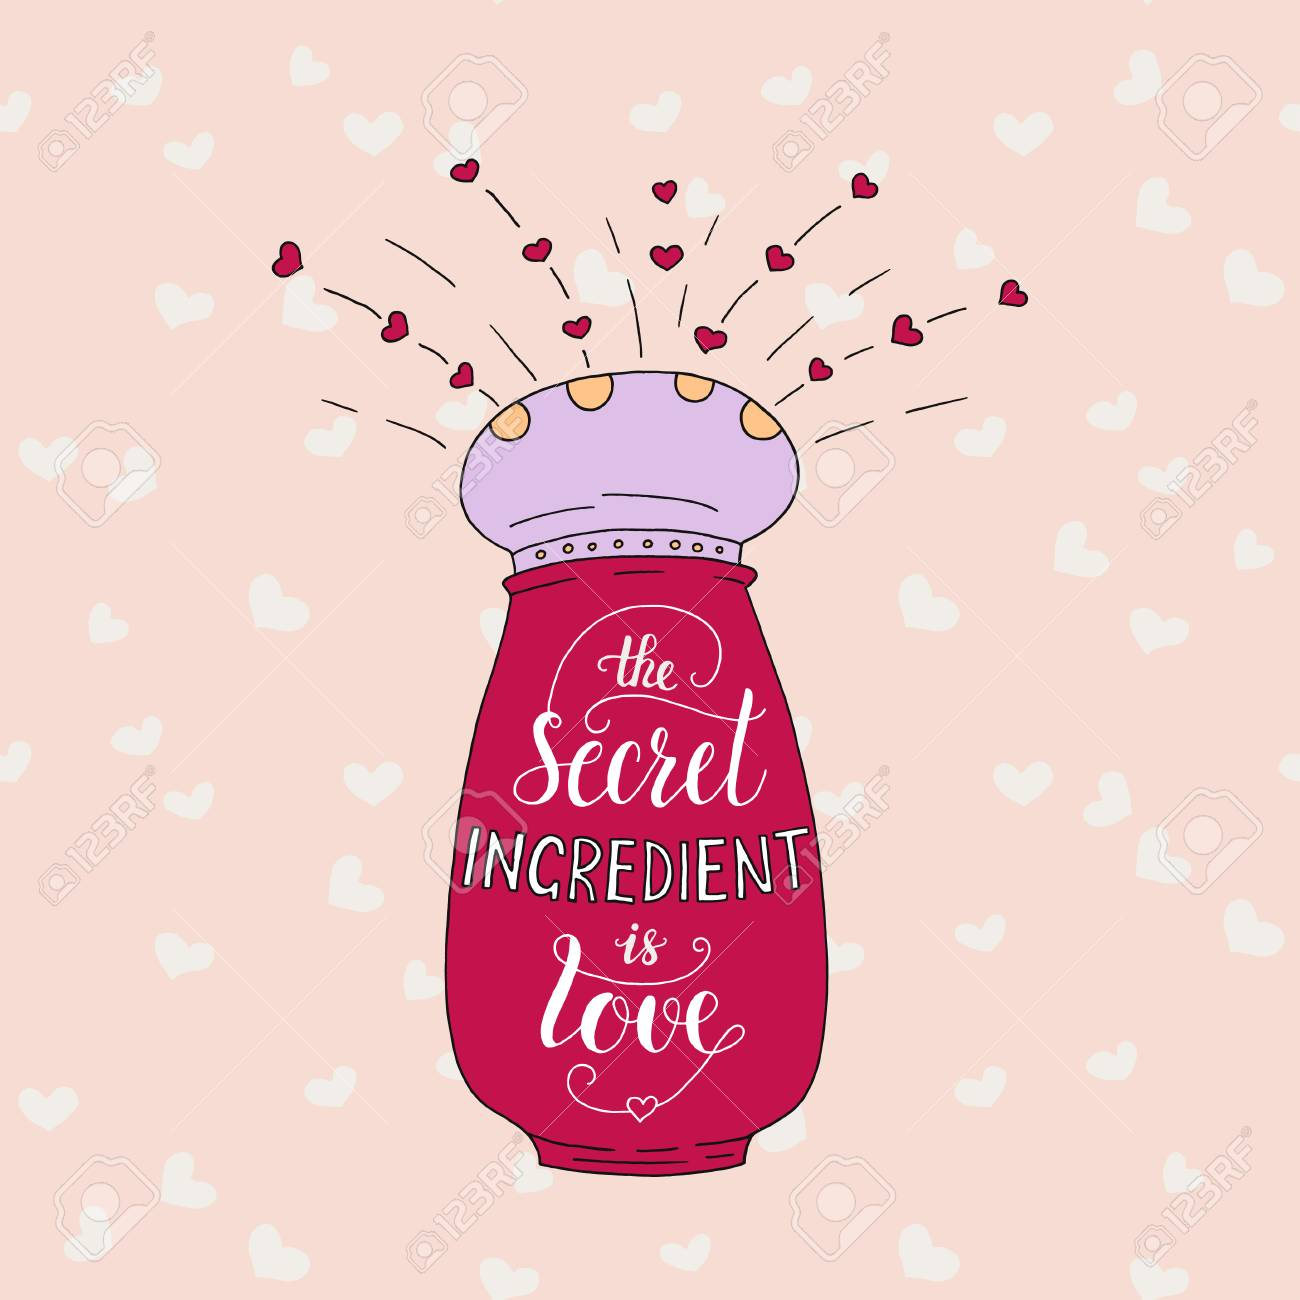 Cartel De Letras únicas Con Una Frase El Ingrediente Secreto Es El Amor